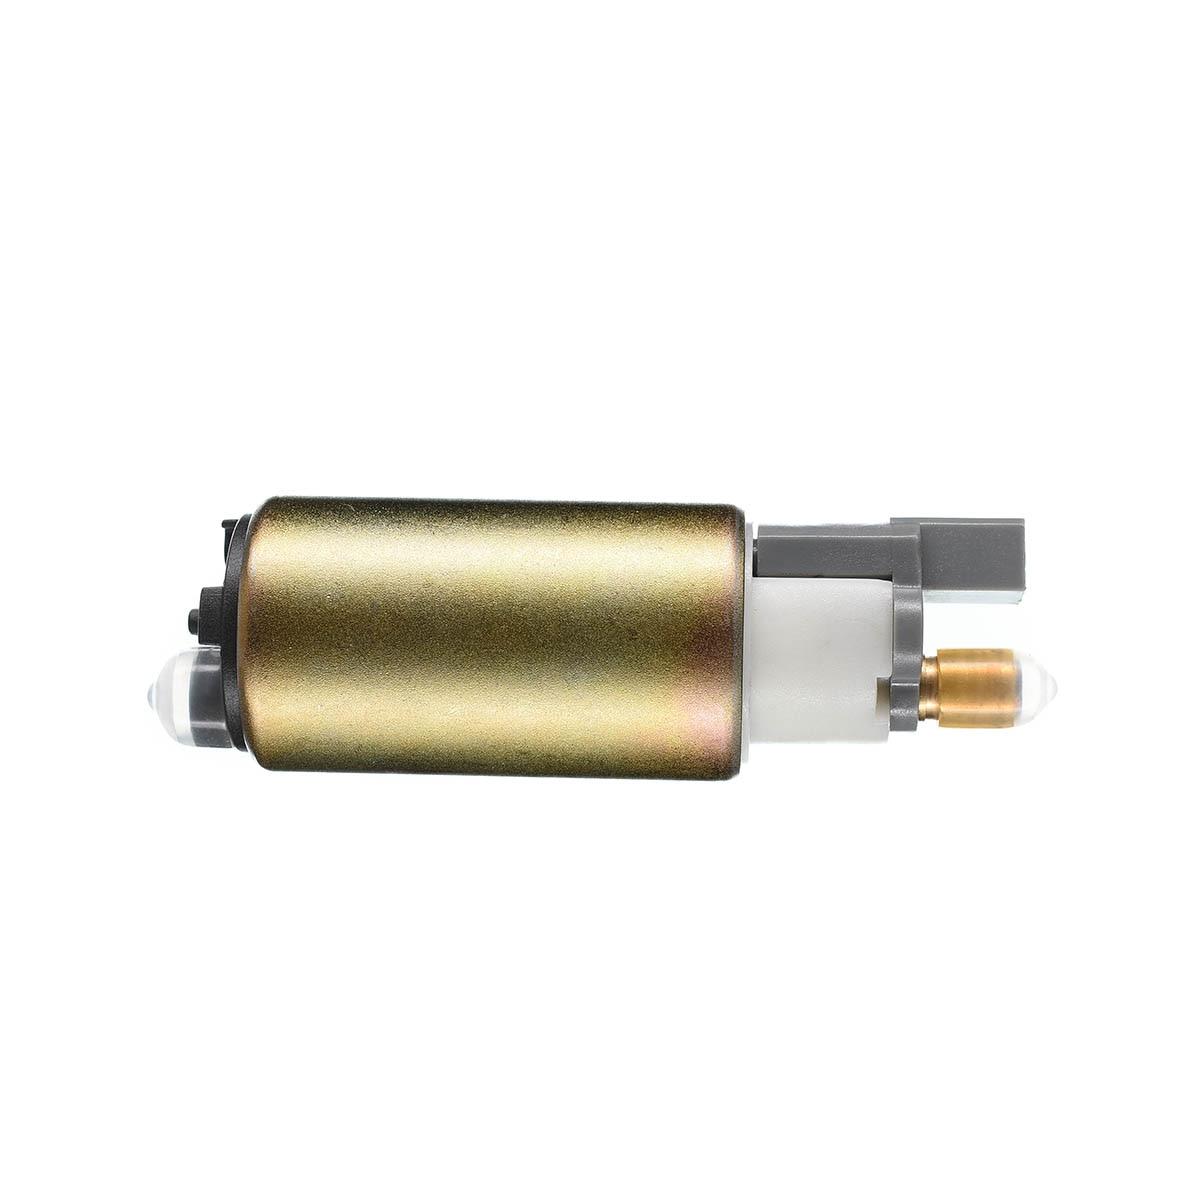 Fuel Pump for 92-96 Ford E-150 E-250 E-350 Econoline Taurus Windstar Mercury